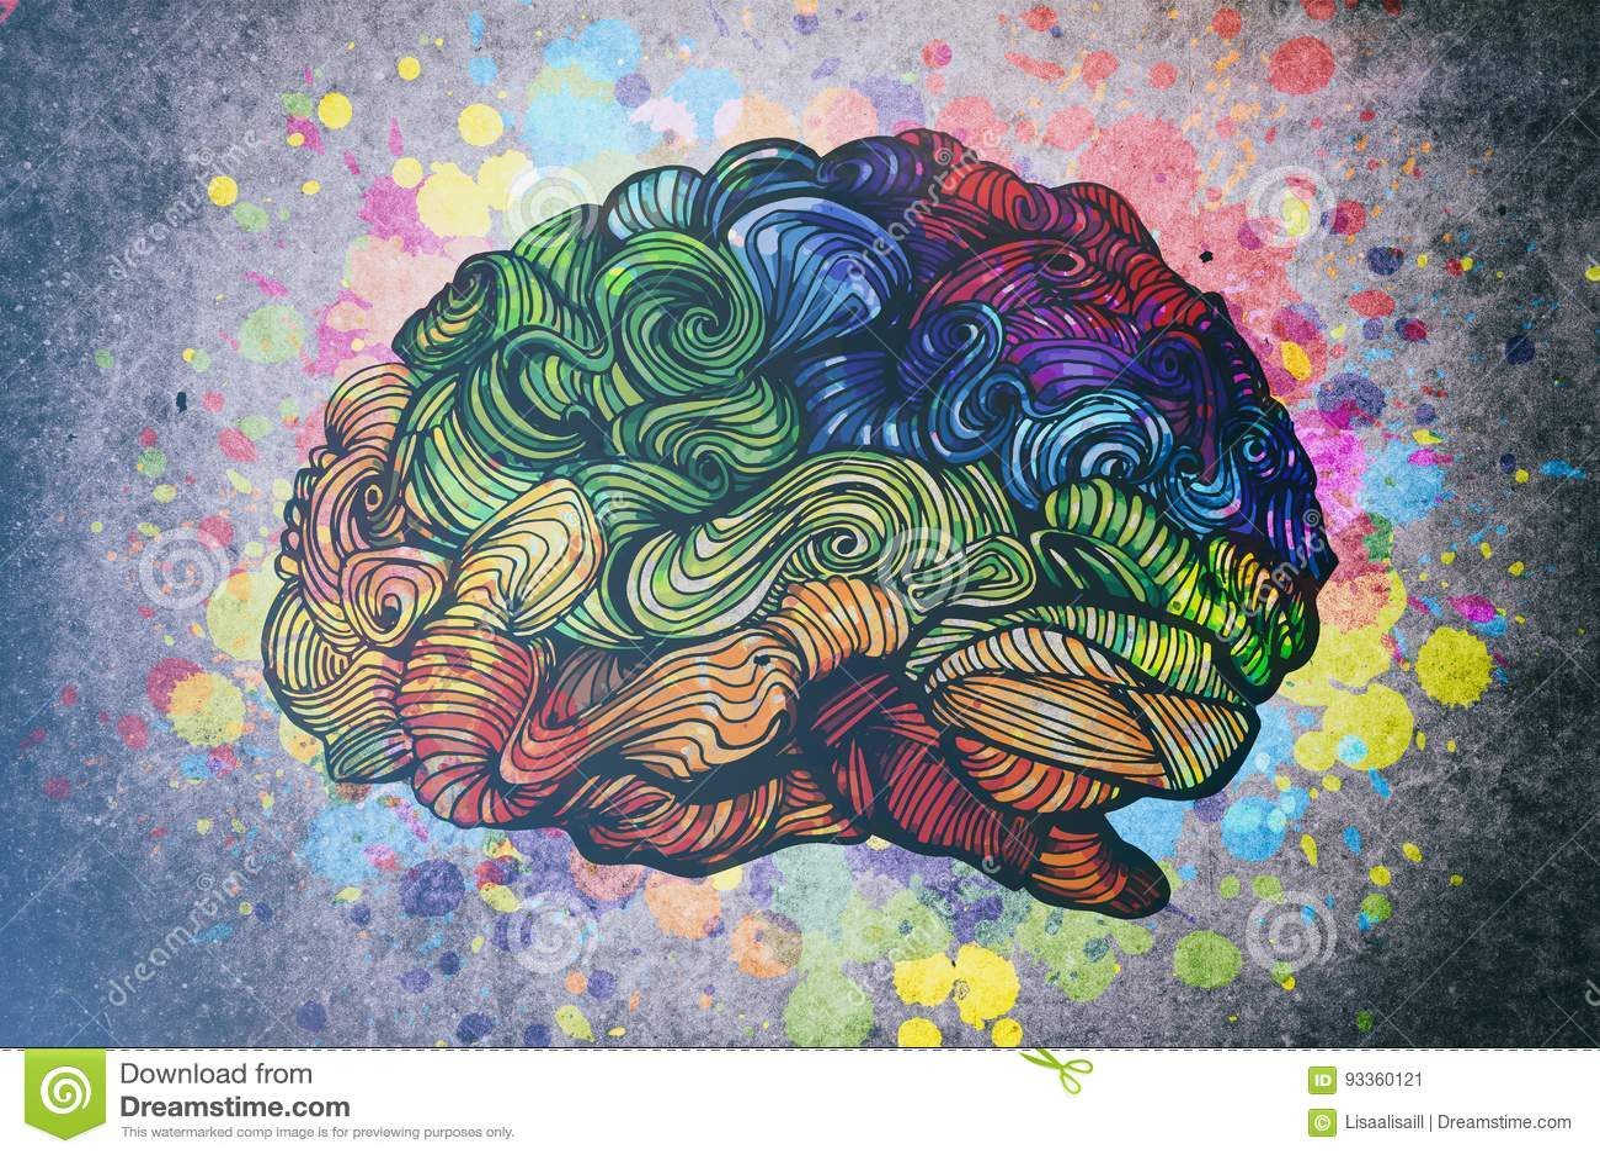 Ejemplo del garabato del cerebro con texturas